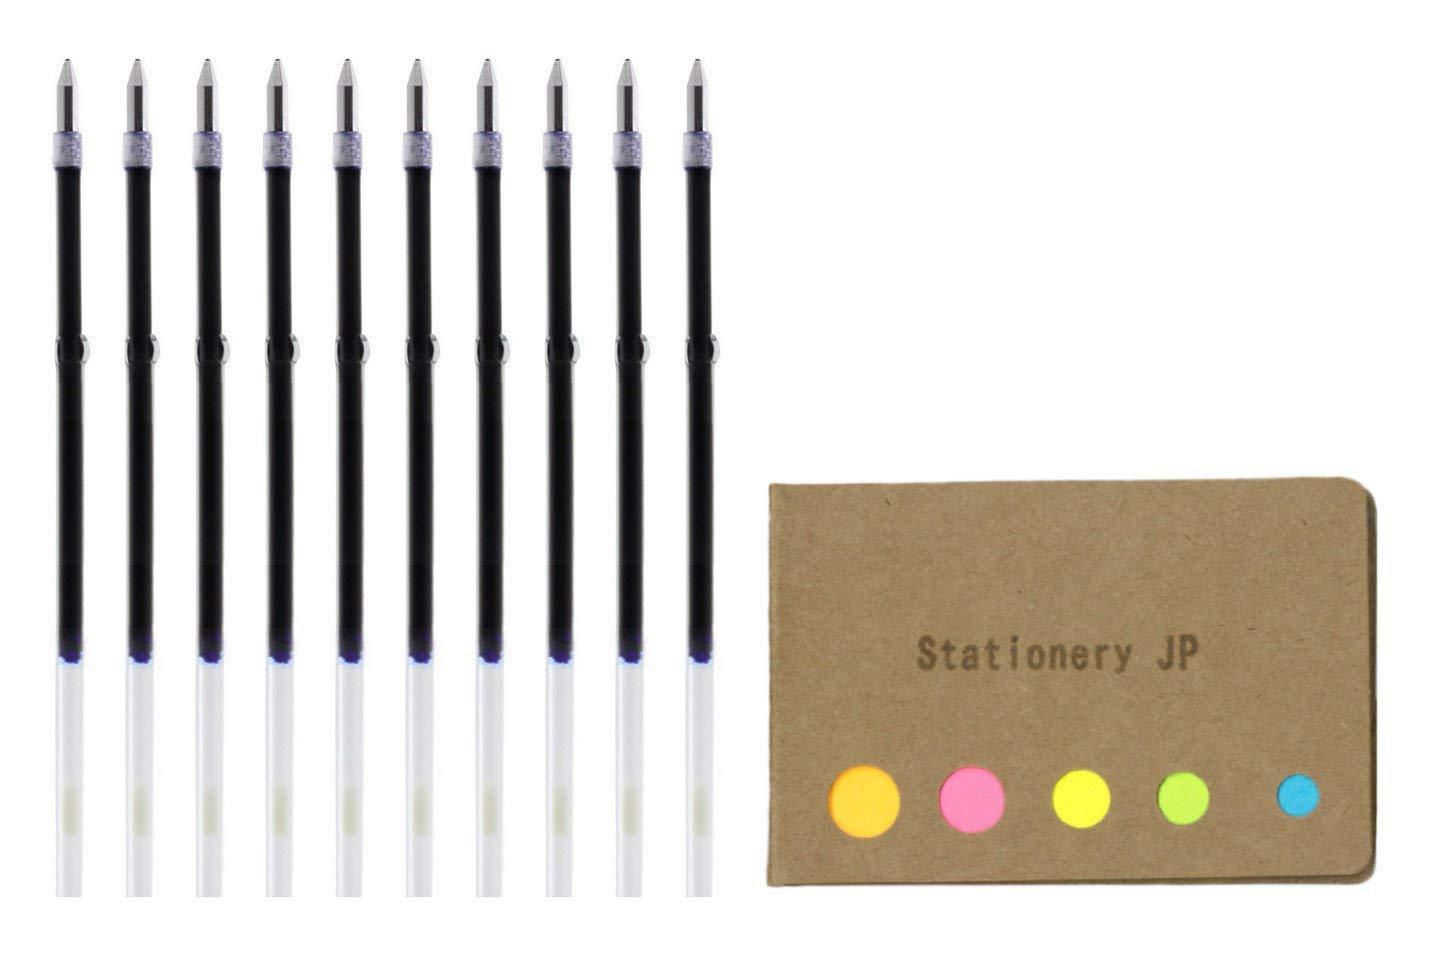 Zebra Ballpoint Pen Refills for Clip On Multi Pen, SK-0.7, Fine Point 0.7mm, Blue Ink, 10-pack, Sticky Notes Value Set